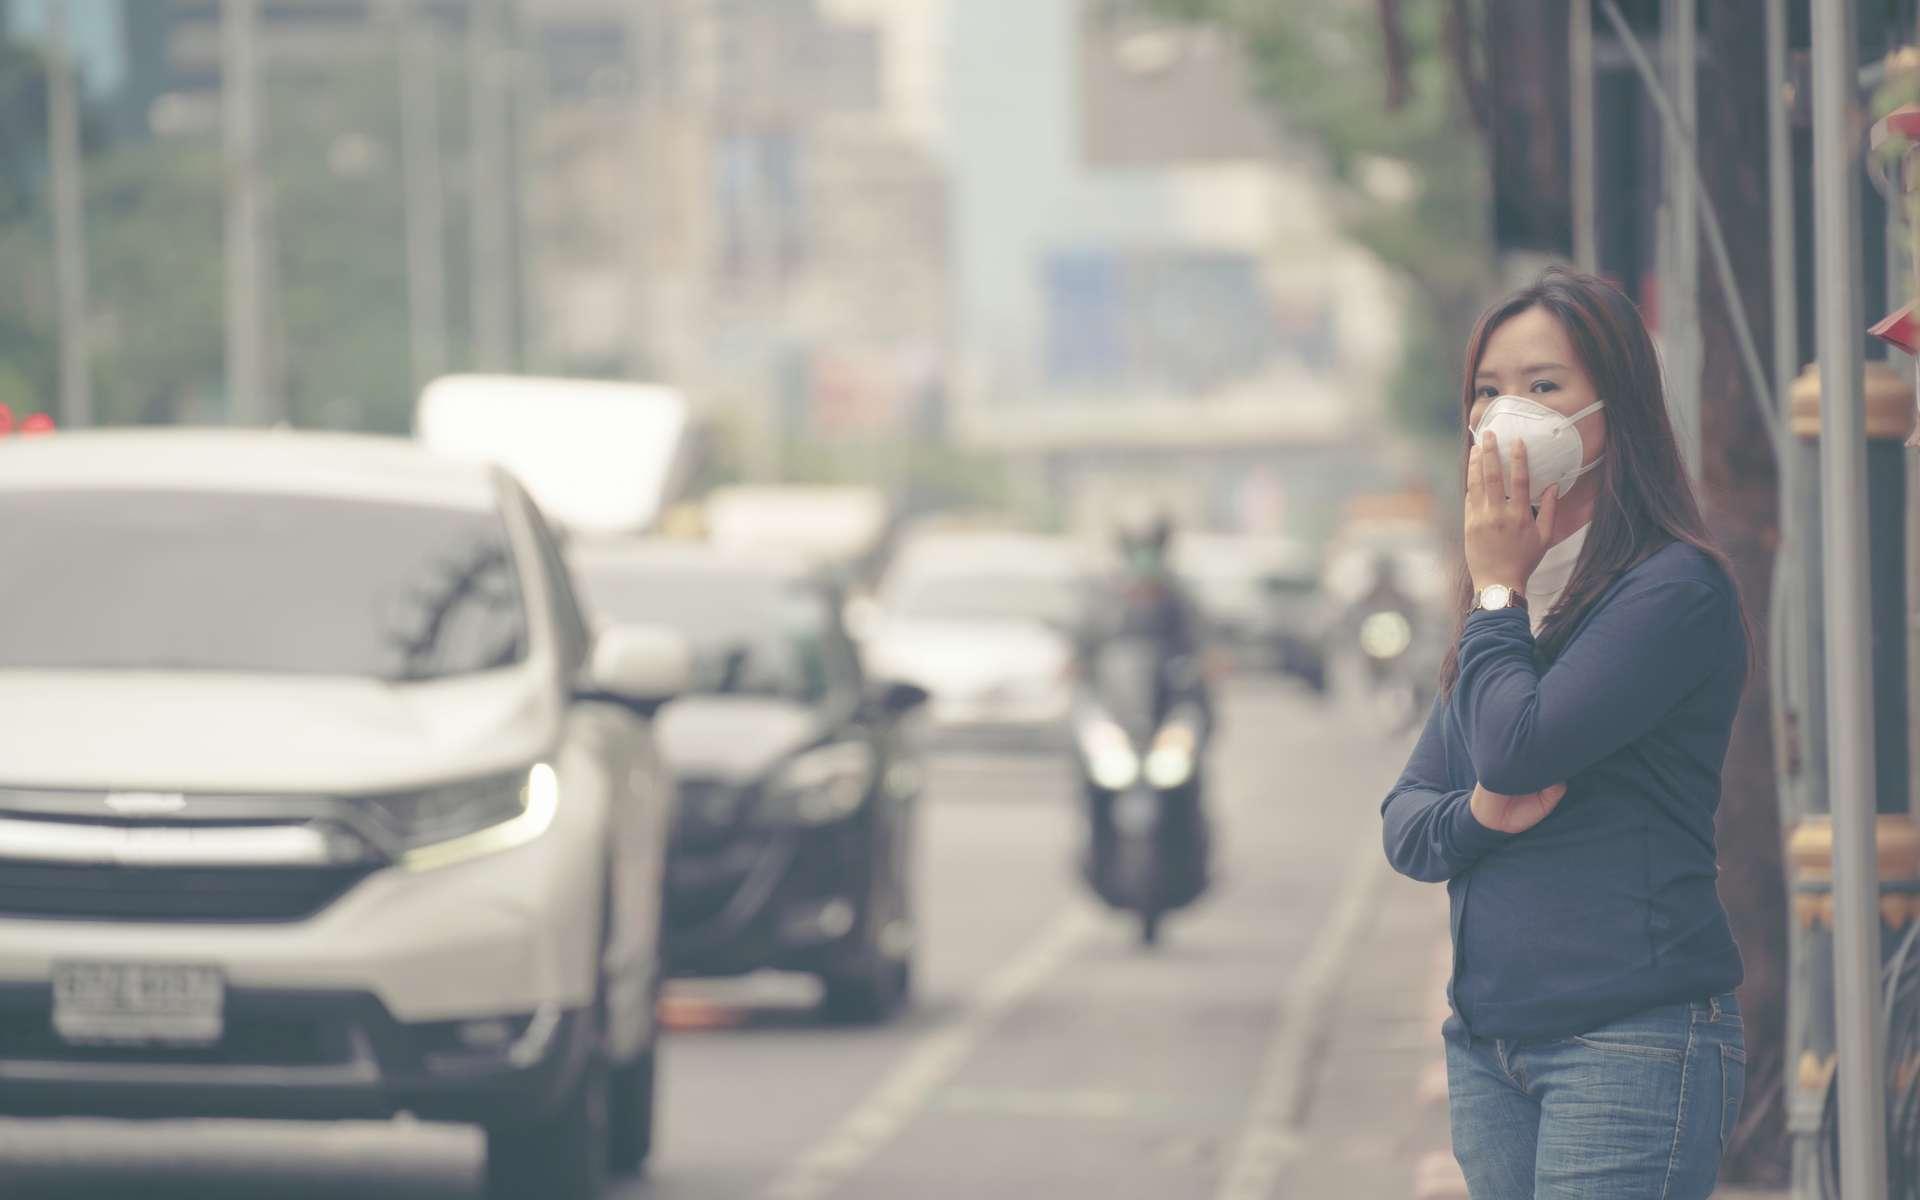 Chez la femme, l'exposition à une concentration élevée de particules fines dans l'air jouerait sur la durée de la phase folliculaire du cycle. © anankkml, Adobe Stock